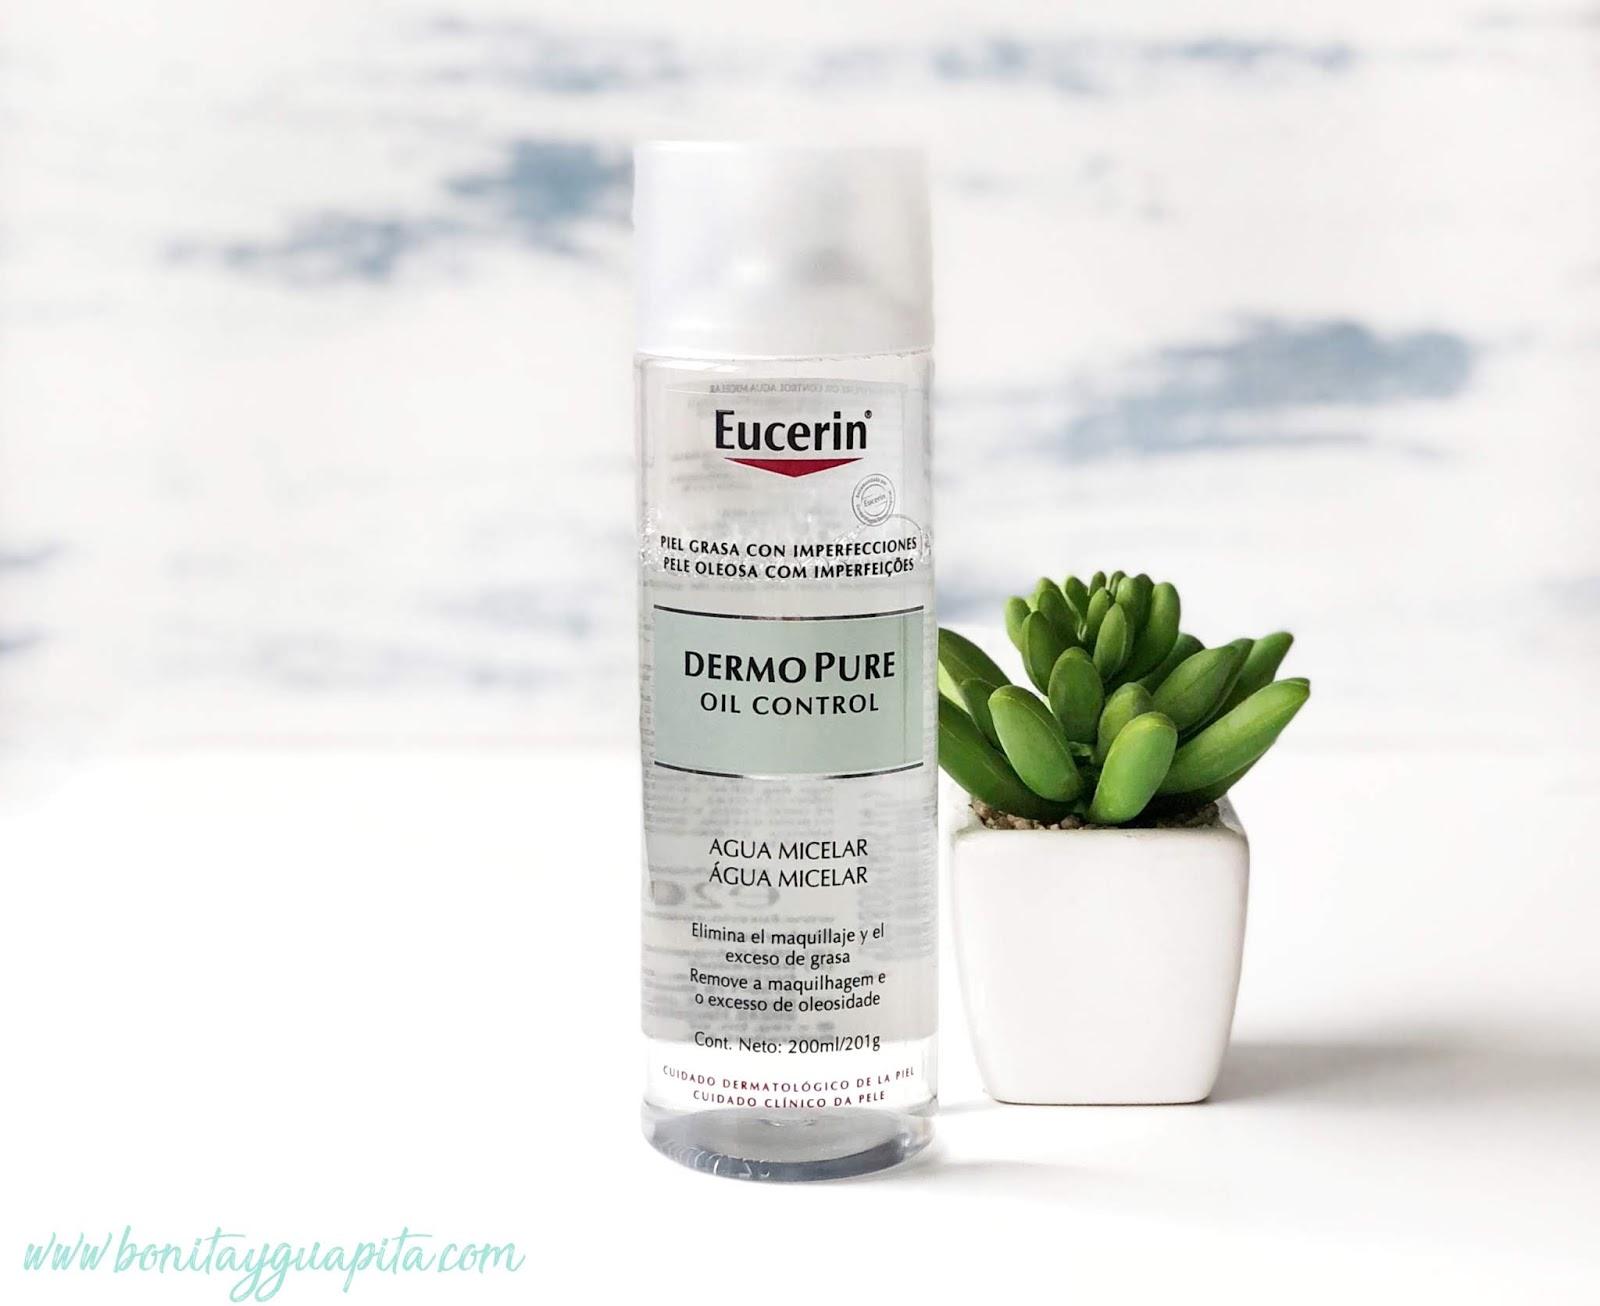 agua micelar dermopure eucerin acne